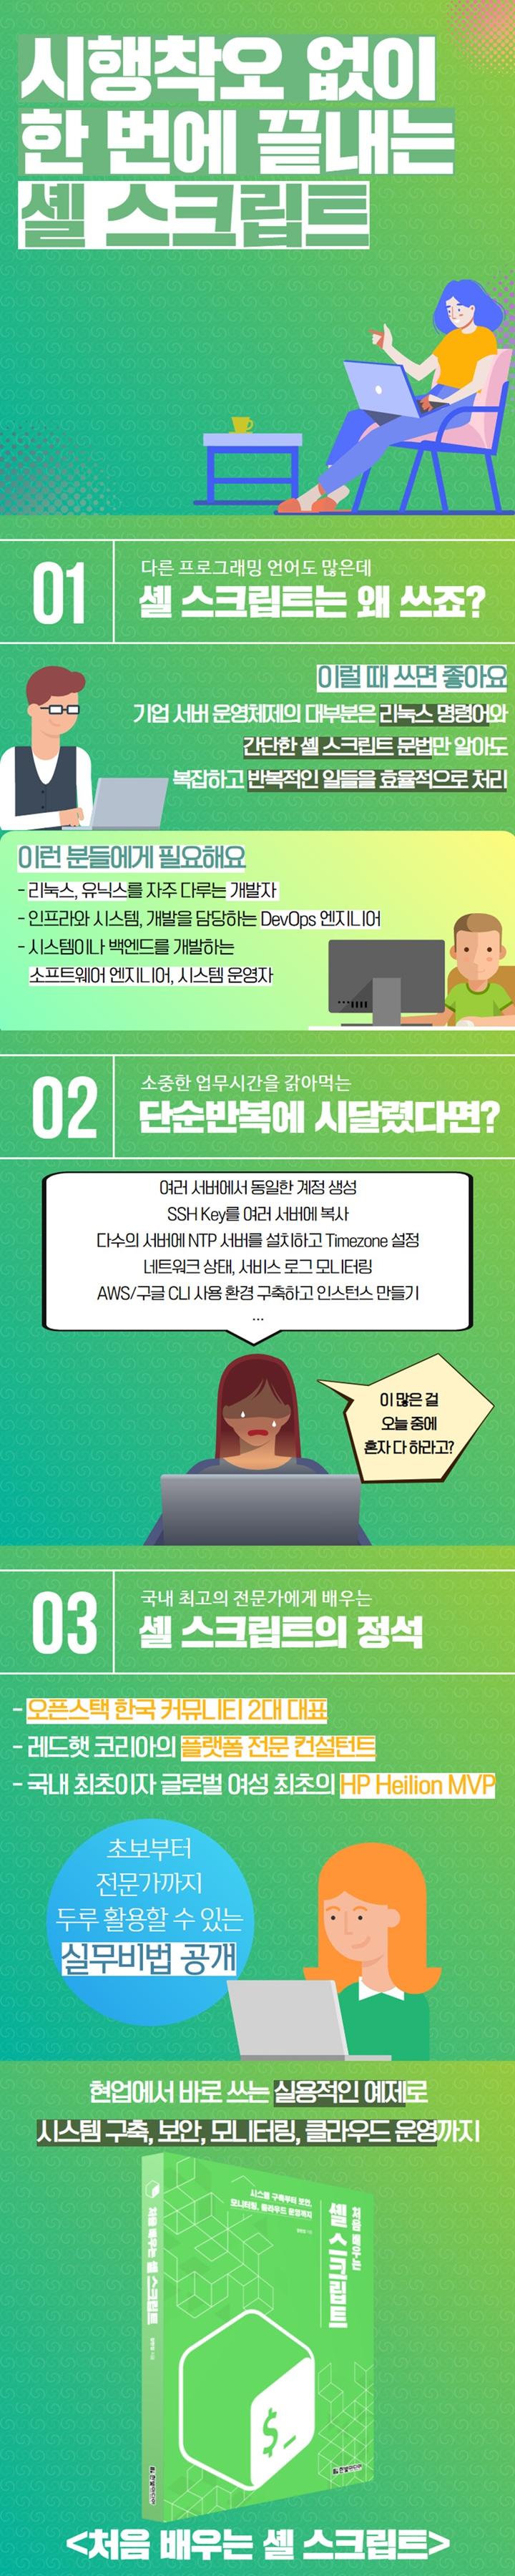 IT4팀_처음 배우는 셸 스크립트_상세이미지_720px.jpg